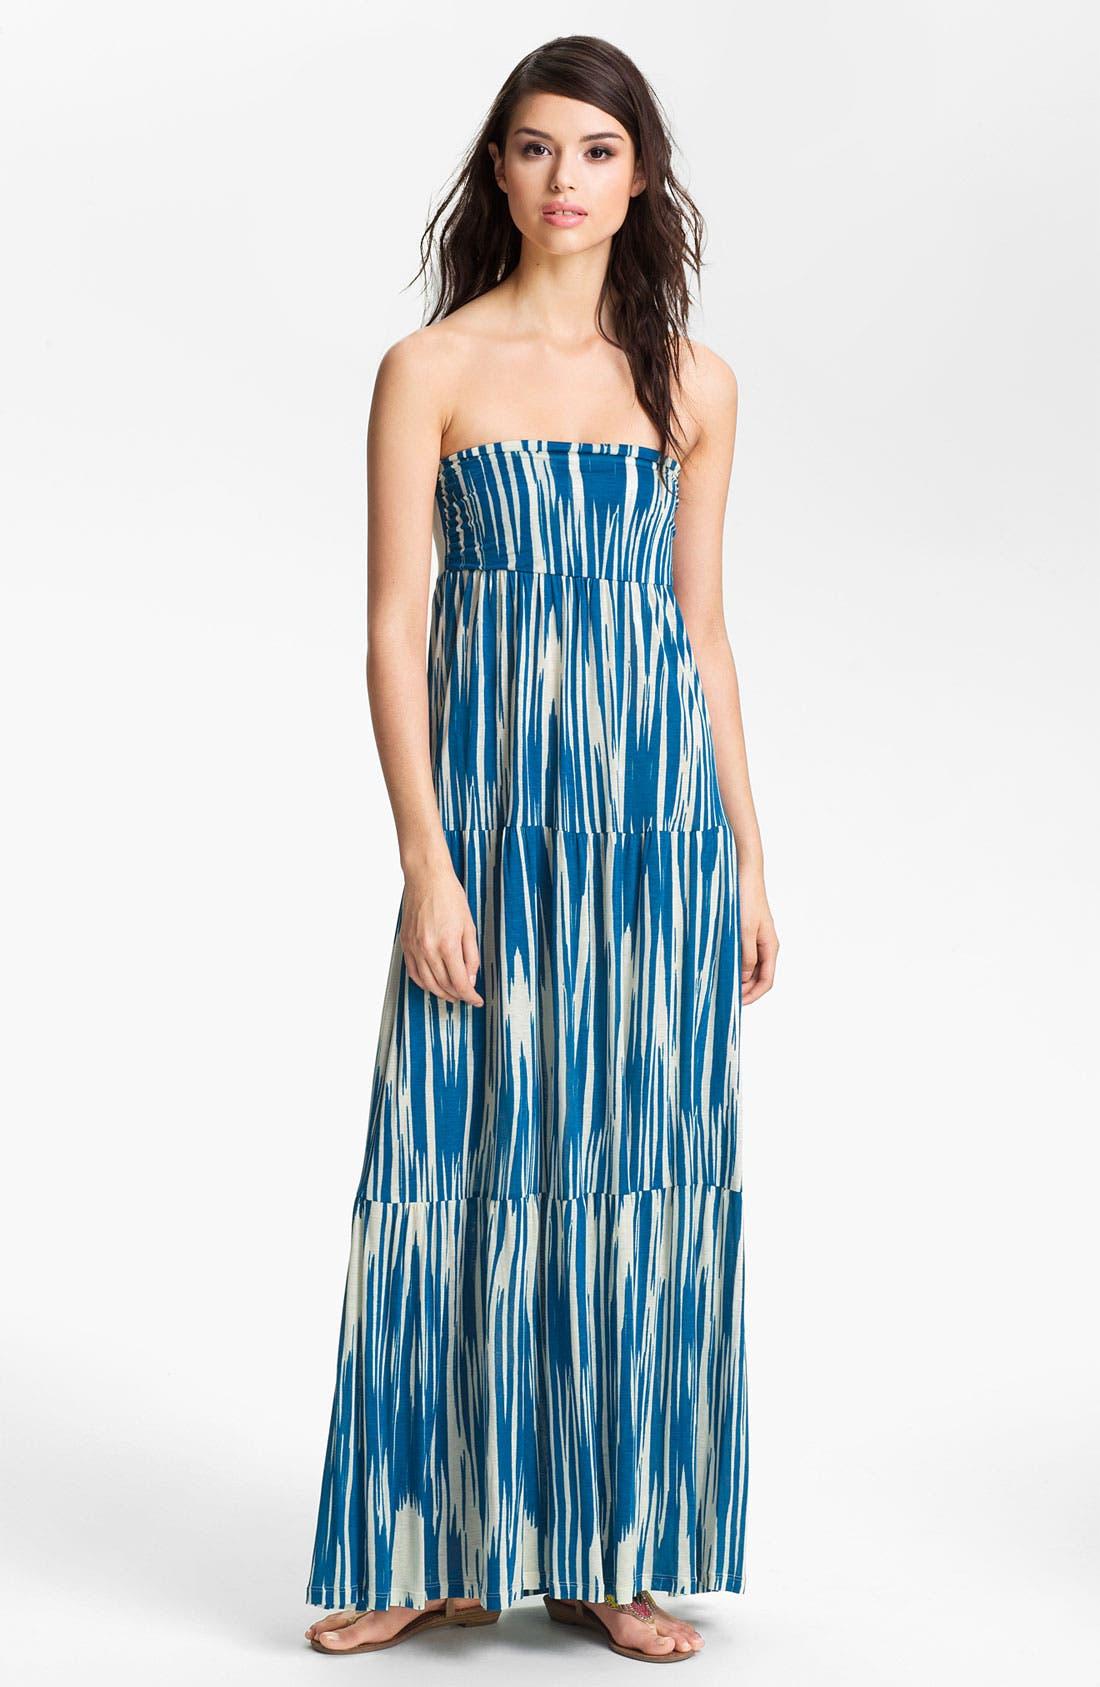 Alternate Image 1 Selected - Velvet by Graham & Spencer 'Atlantis' Tiered Strapless Maxi Dress